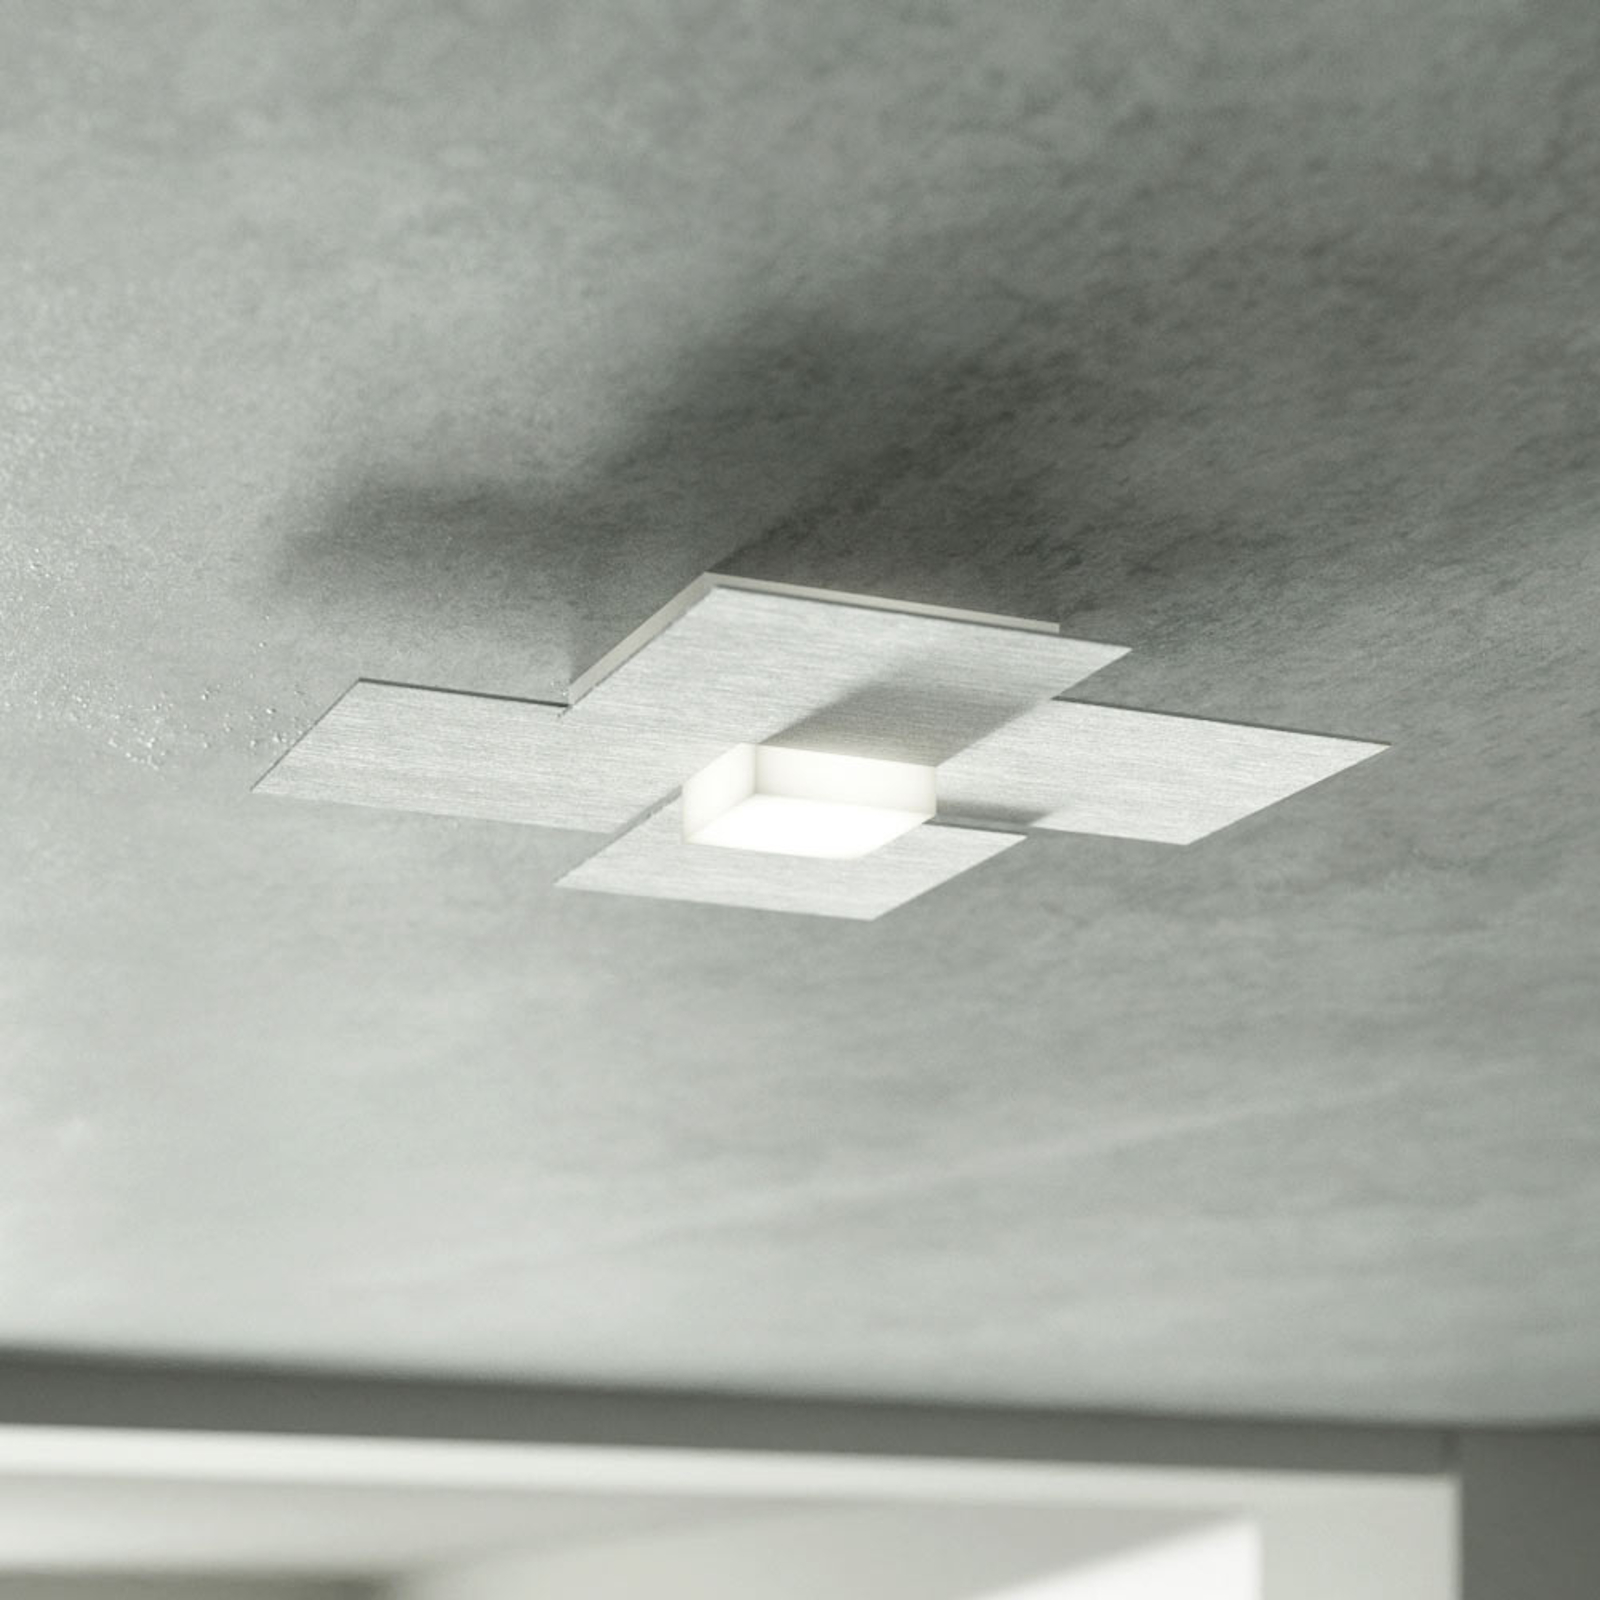 GROSSMANN Creo lampa sufitowa LED, aluminium